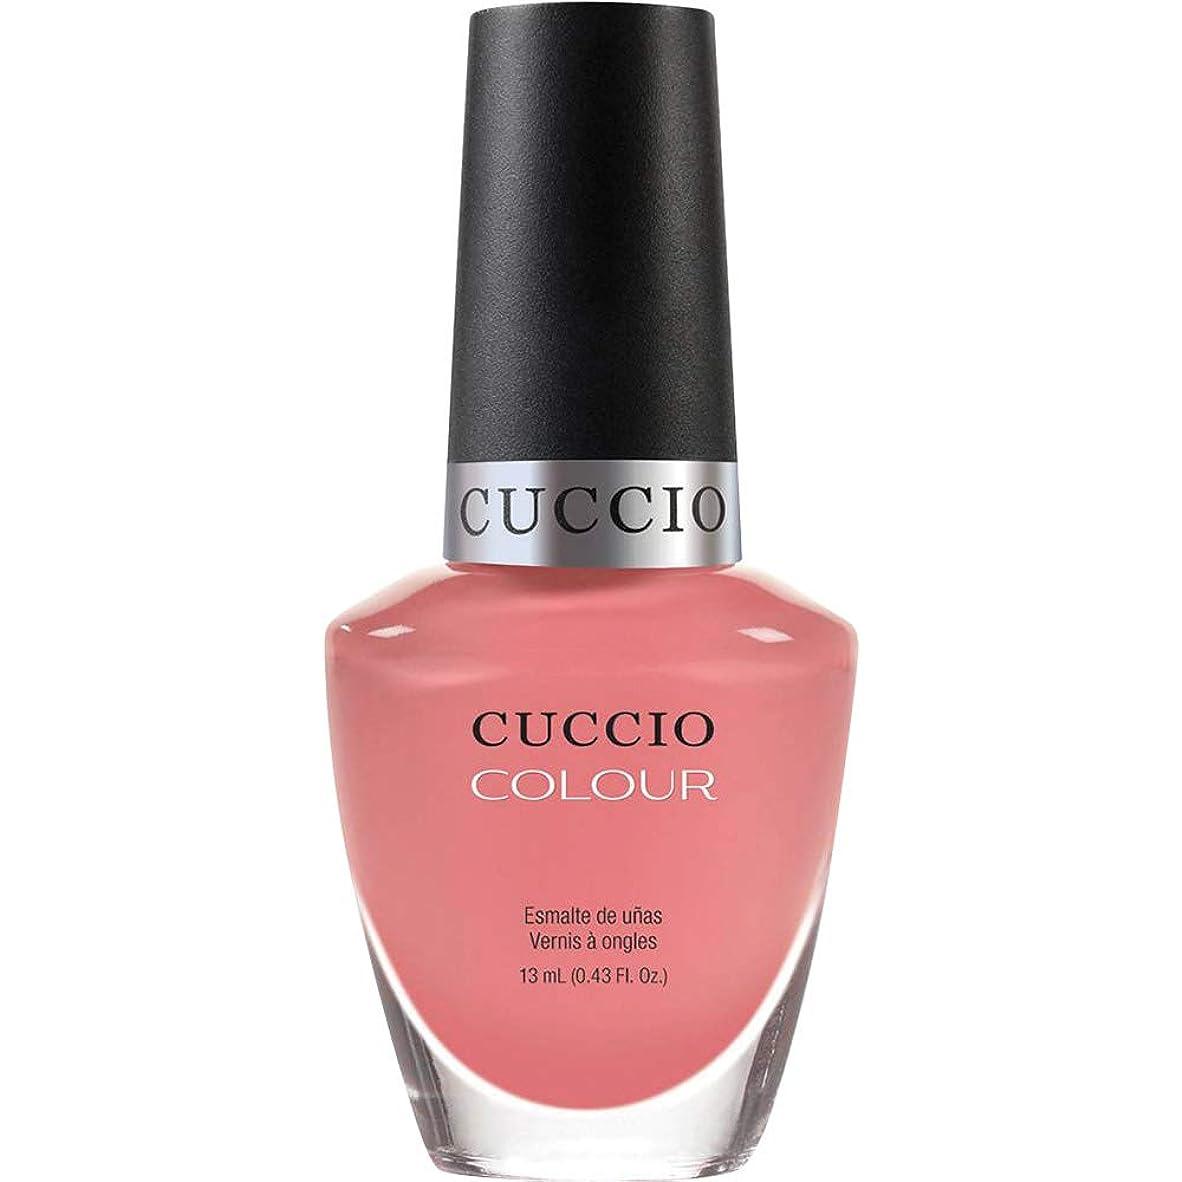 胆嚢しないでくださいパースブラックボロウCuccio Colour Gloss Lacquer - All Decked Out - 0.43oz / 13ml